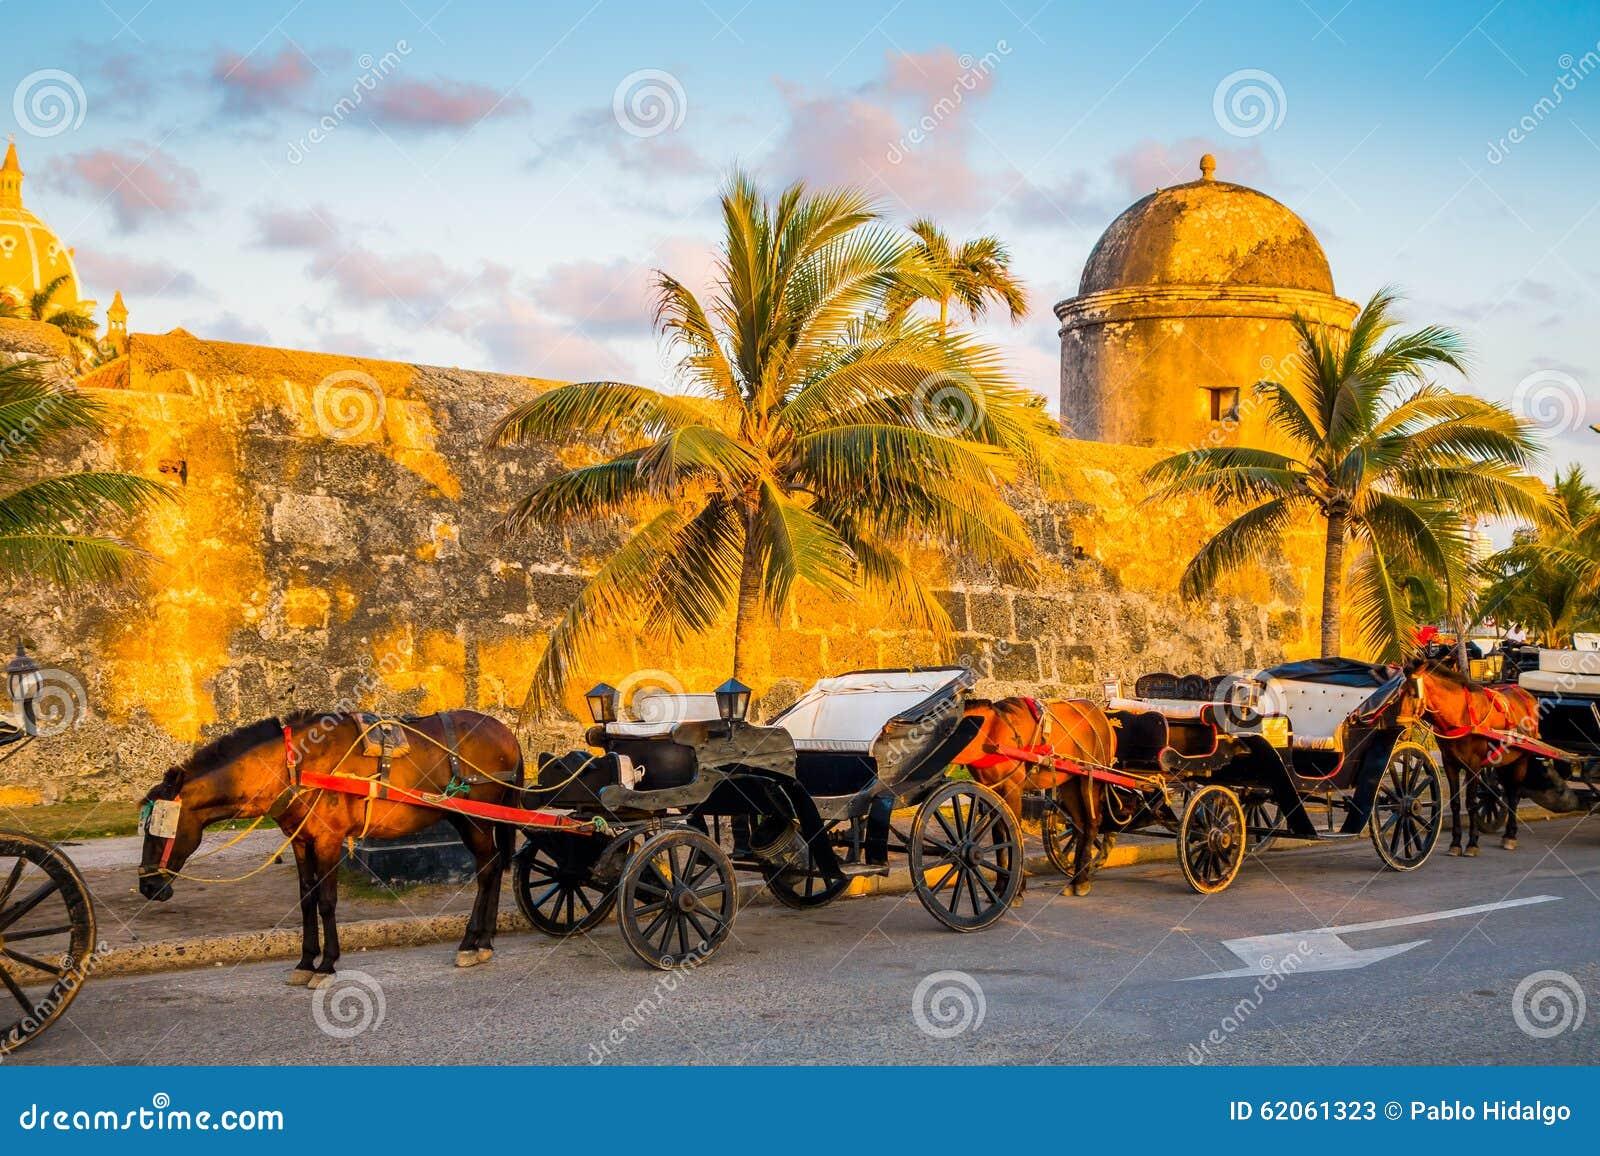 Συρμένες άλογο τουριστικές μεταφορές στην ιστορική ισπανική αποικιακή πόλη της Καρχηδόνας de Indias, Κολομβία